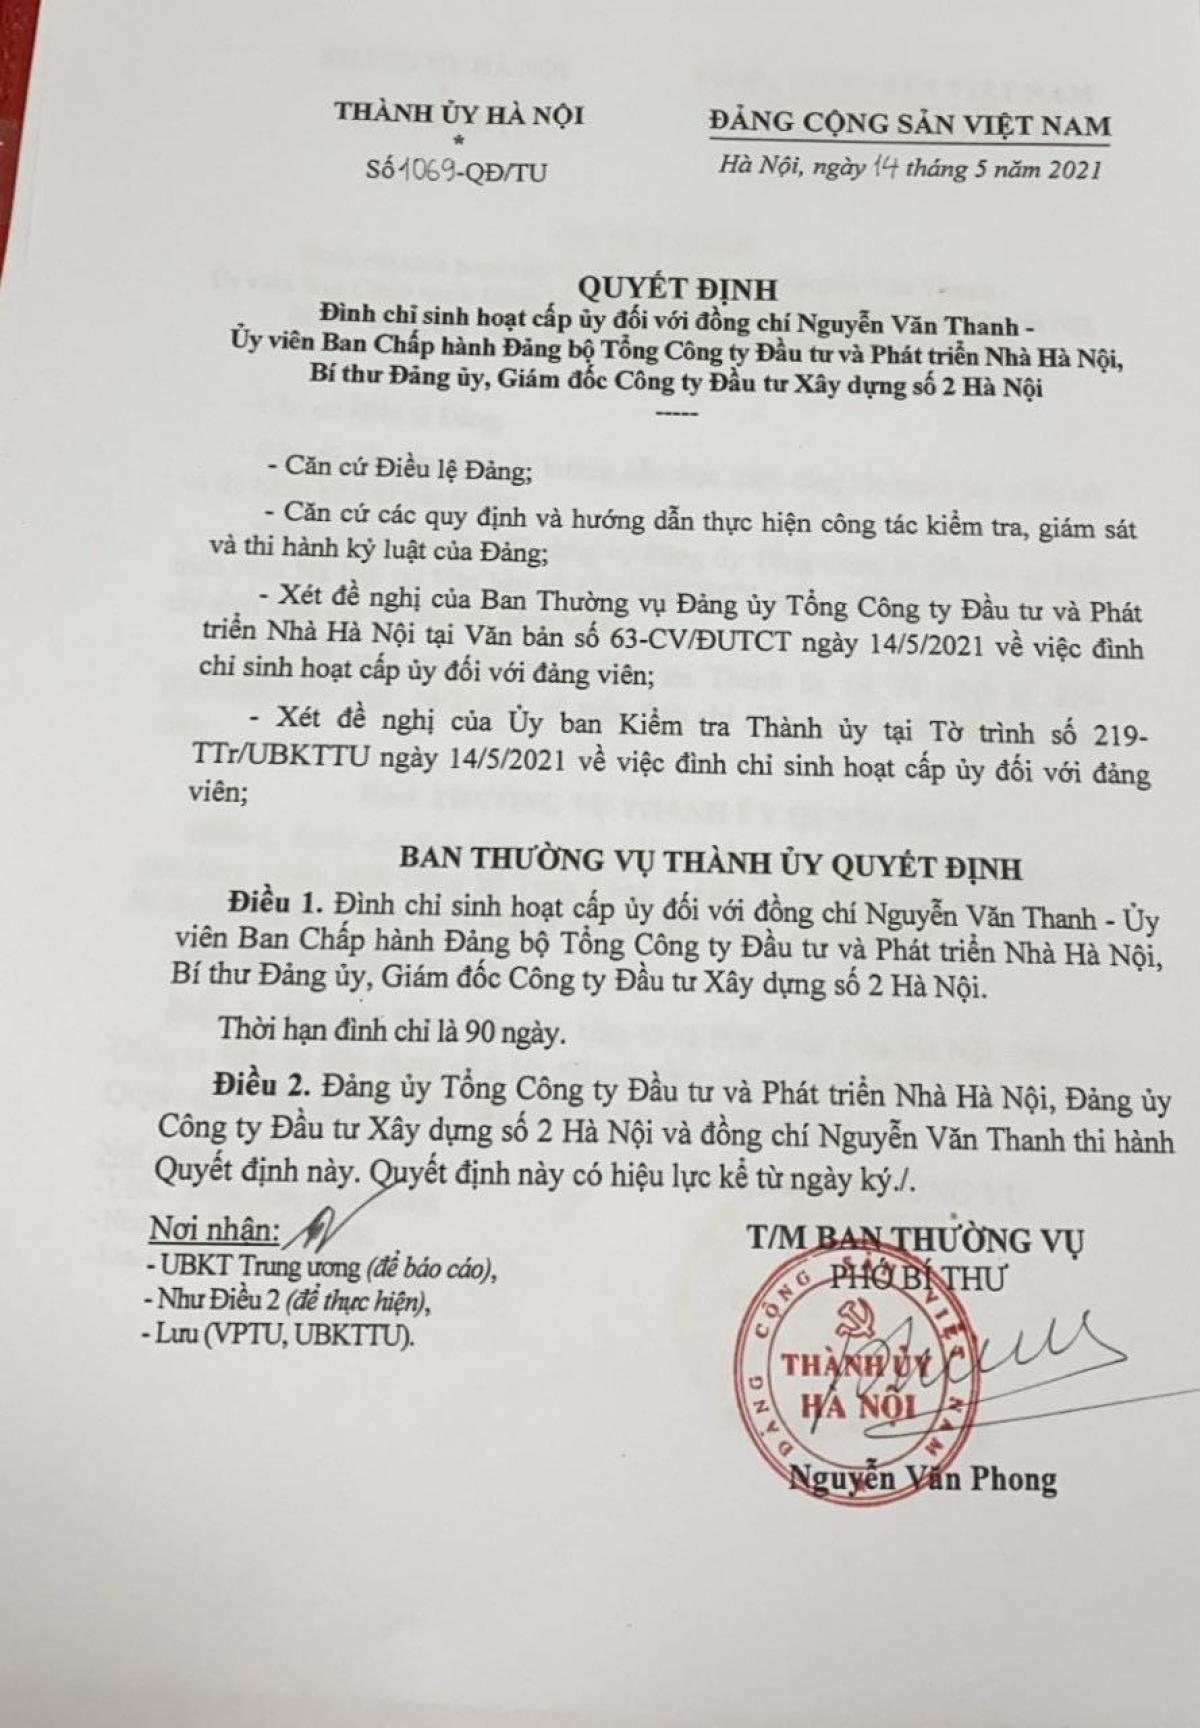 Quyết định đình chỉ sinh hoạt Đảng với ông Nguyễn Văn Thanh